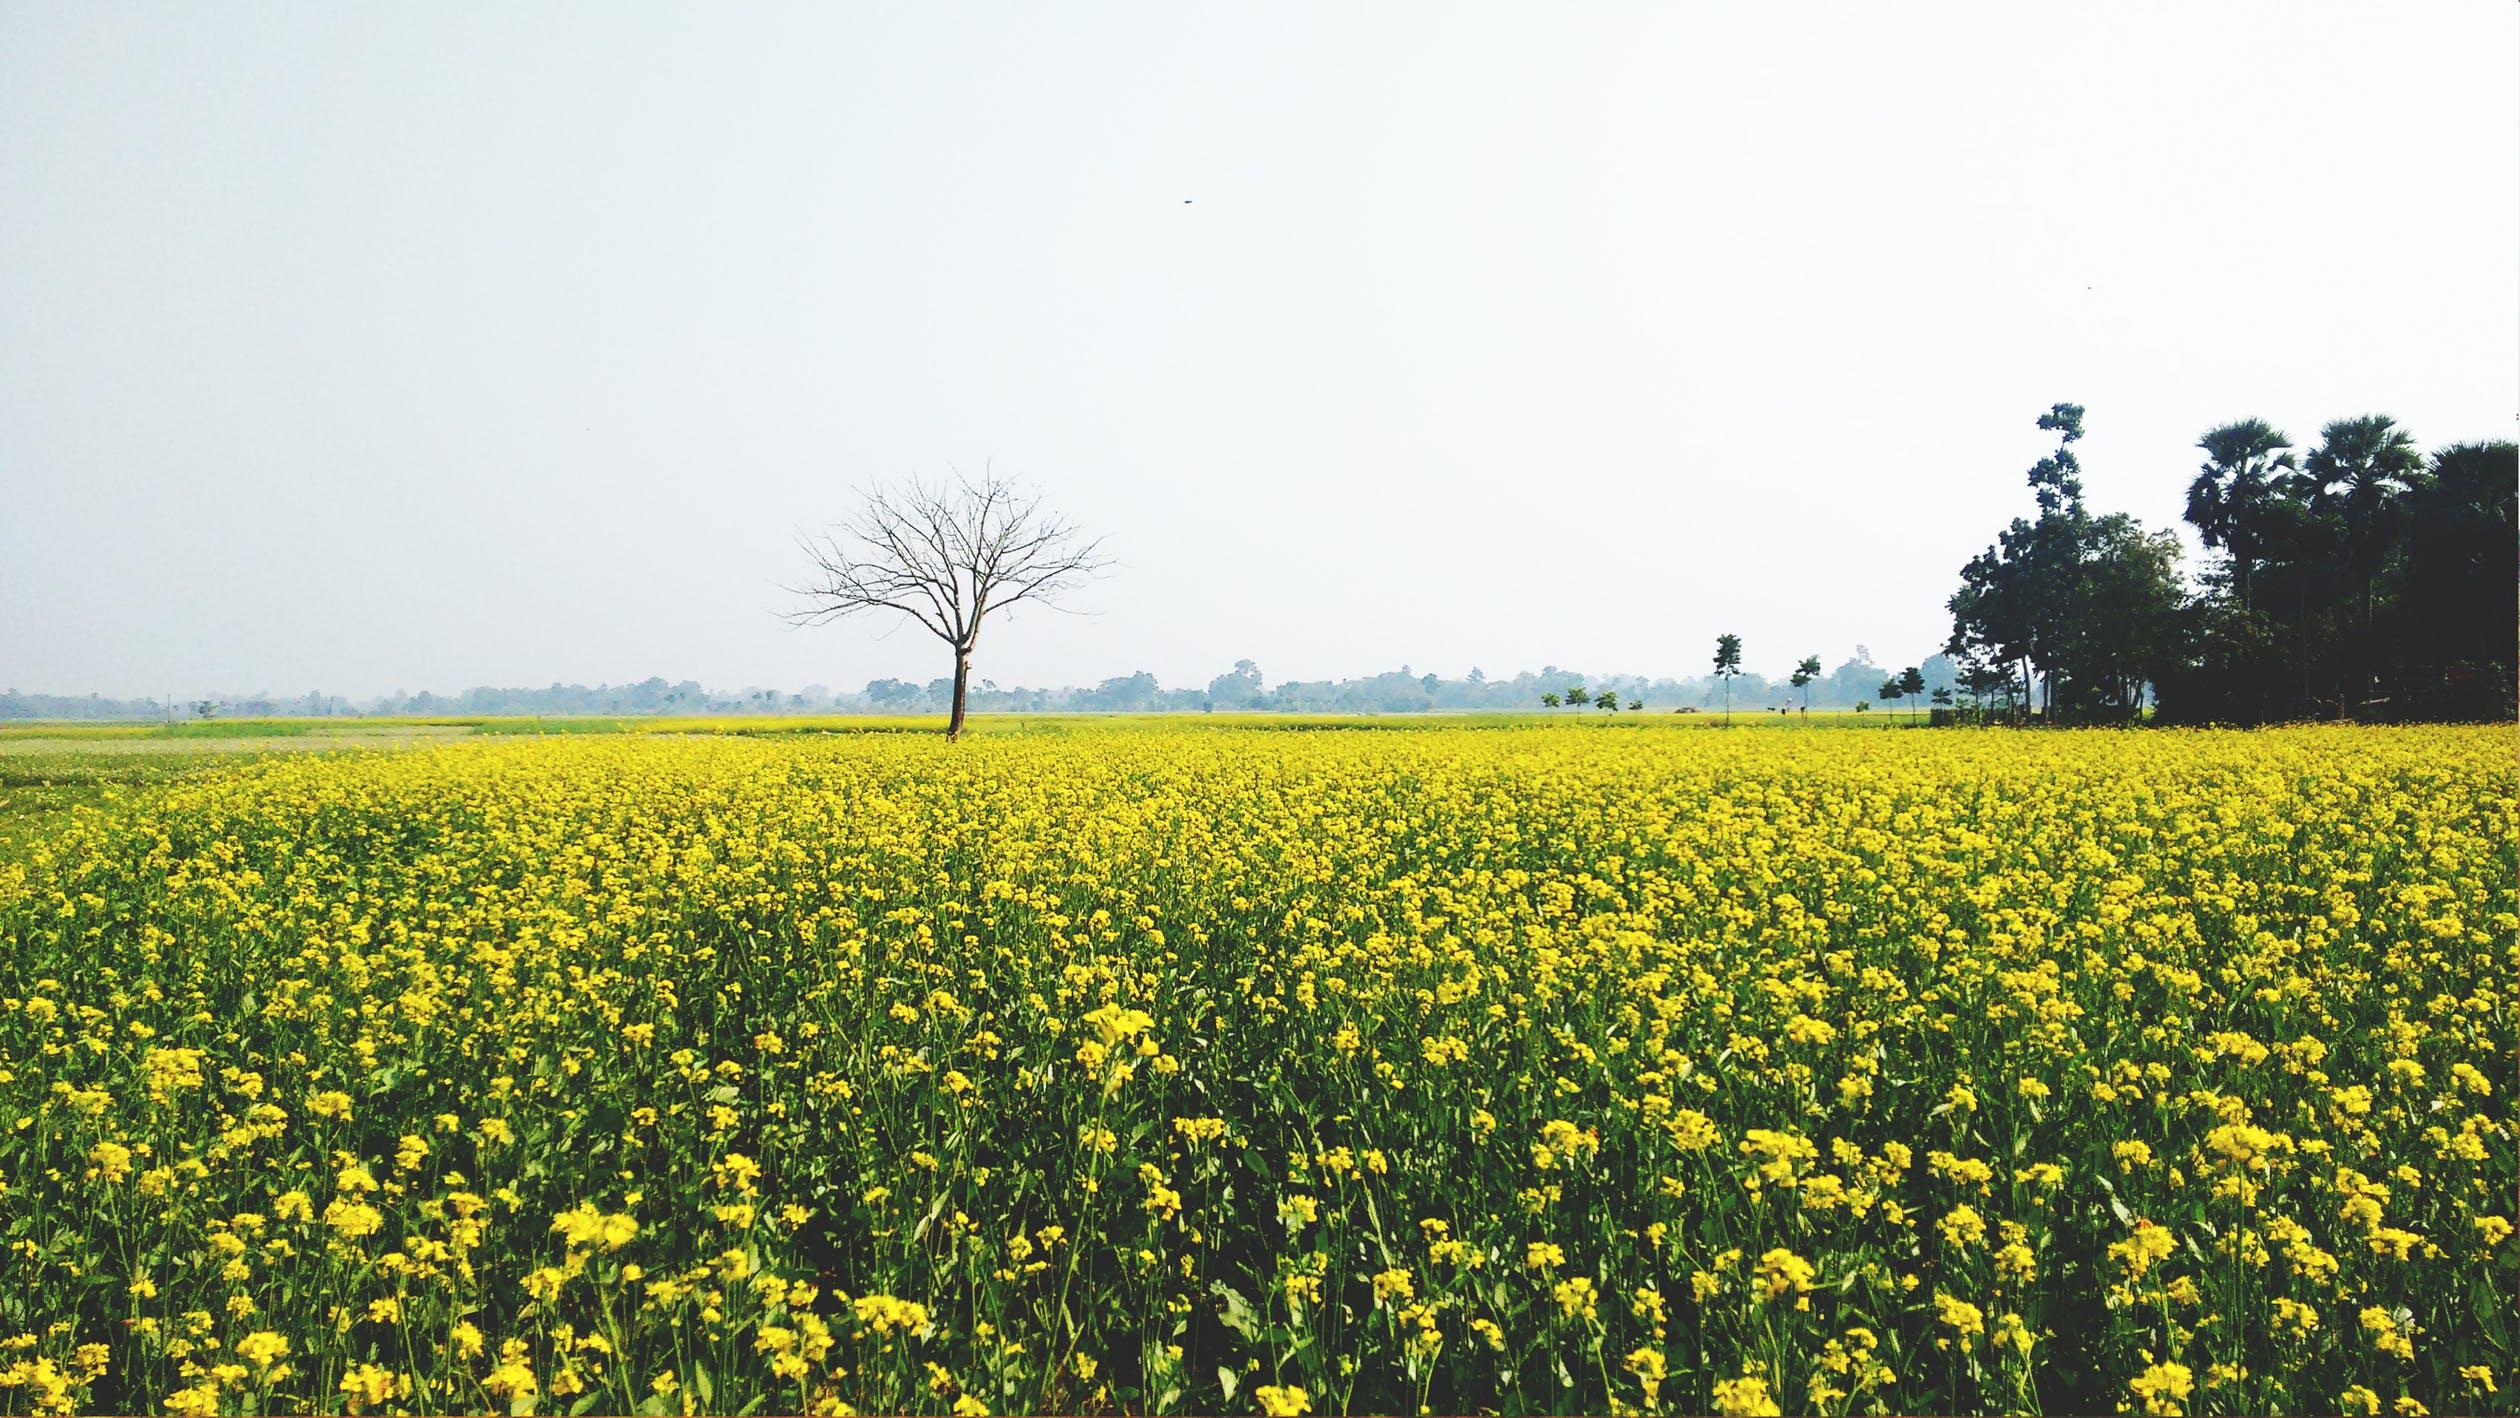 thiết kế vườn hoa màu vàng